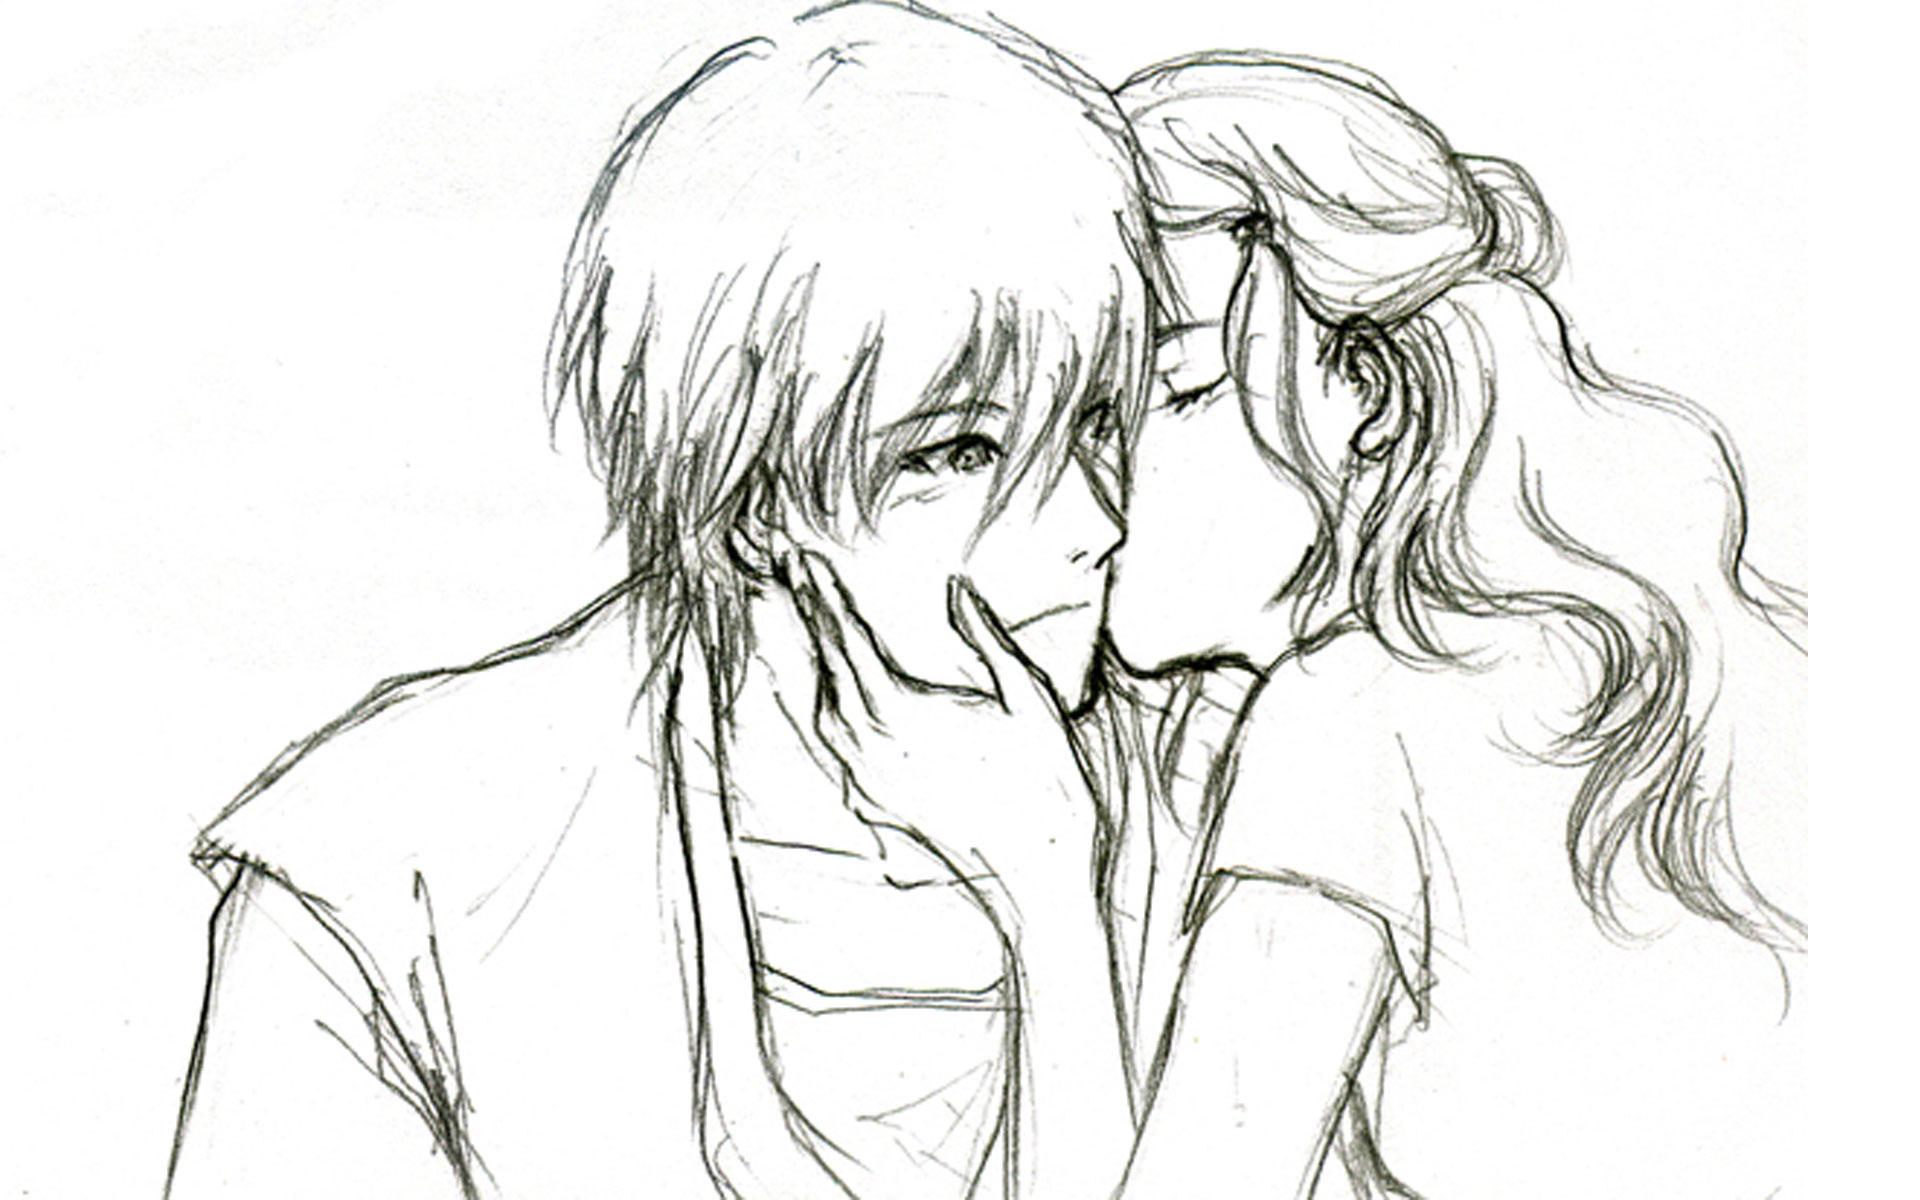 1920x1200 Islam Girl Boy Pencil Sketch Love In Muslim Boy And Girl Pencil